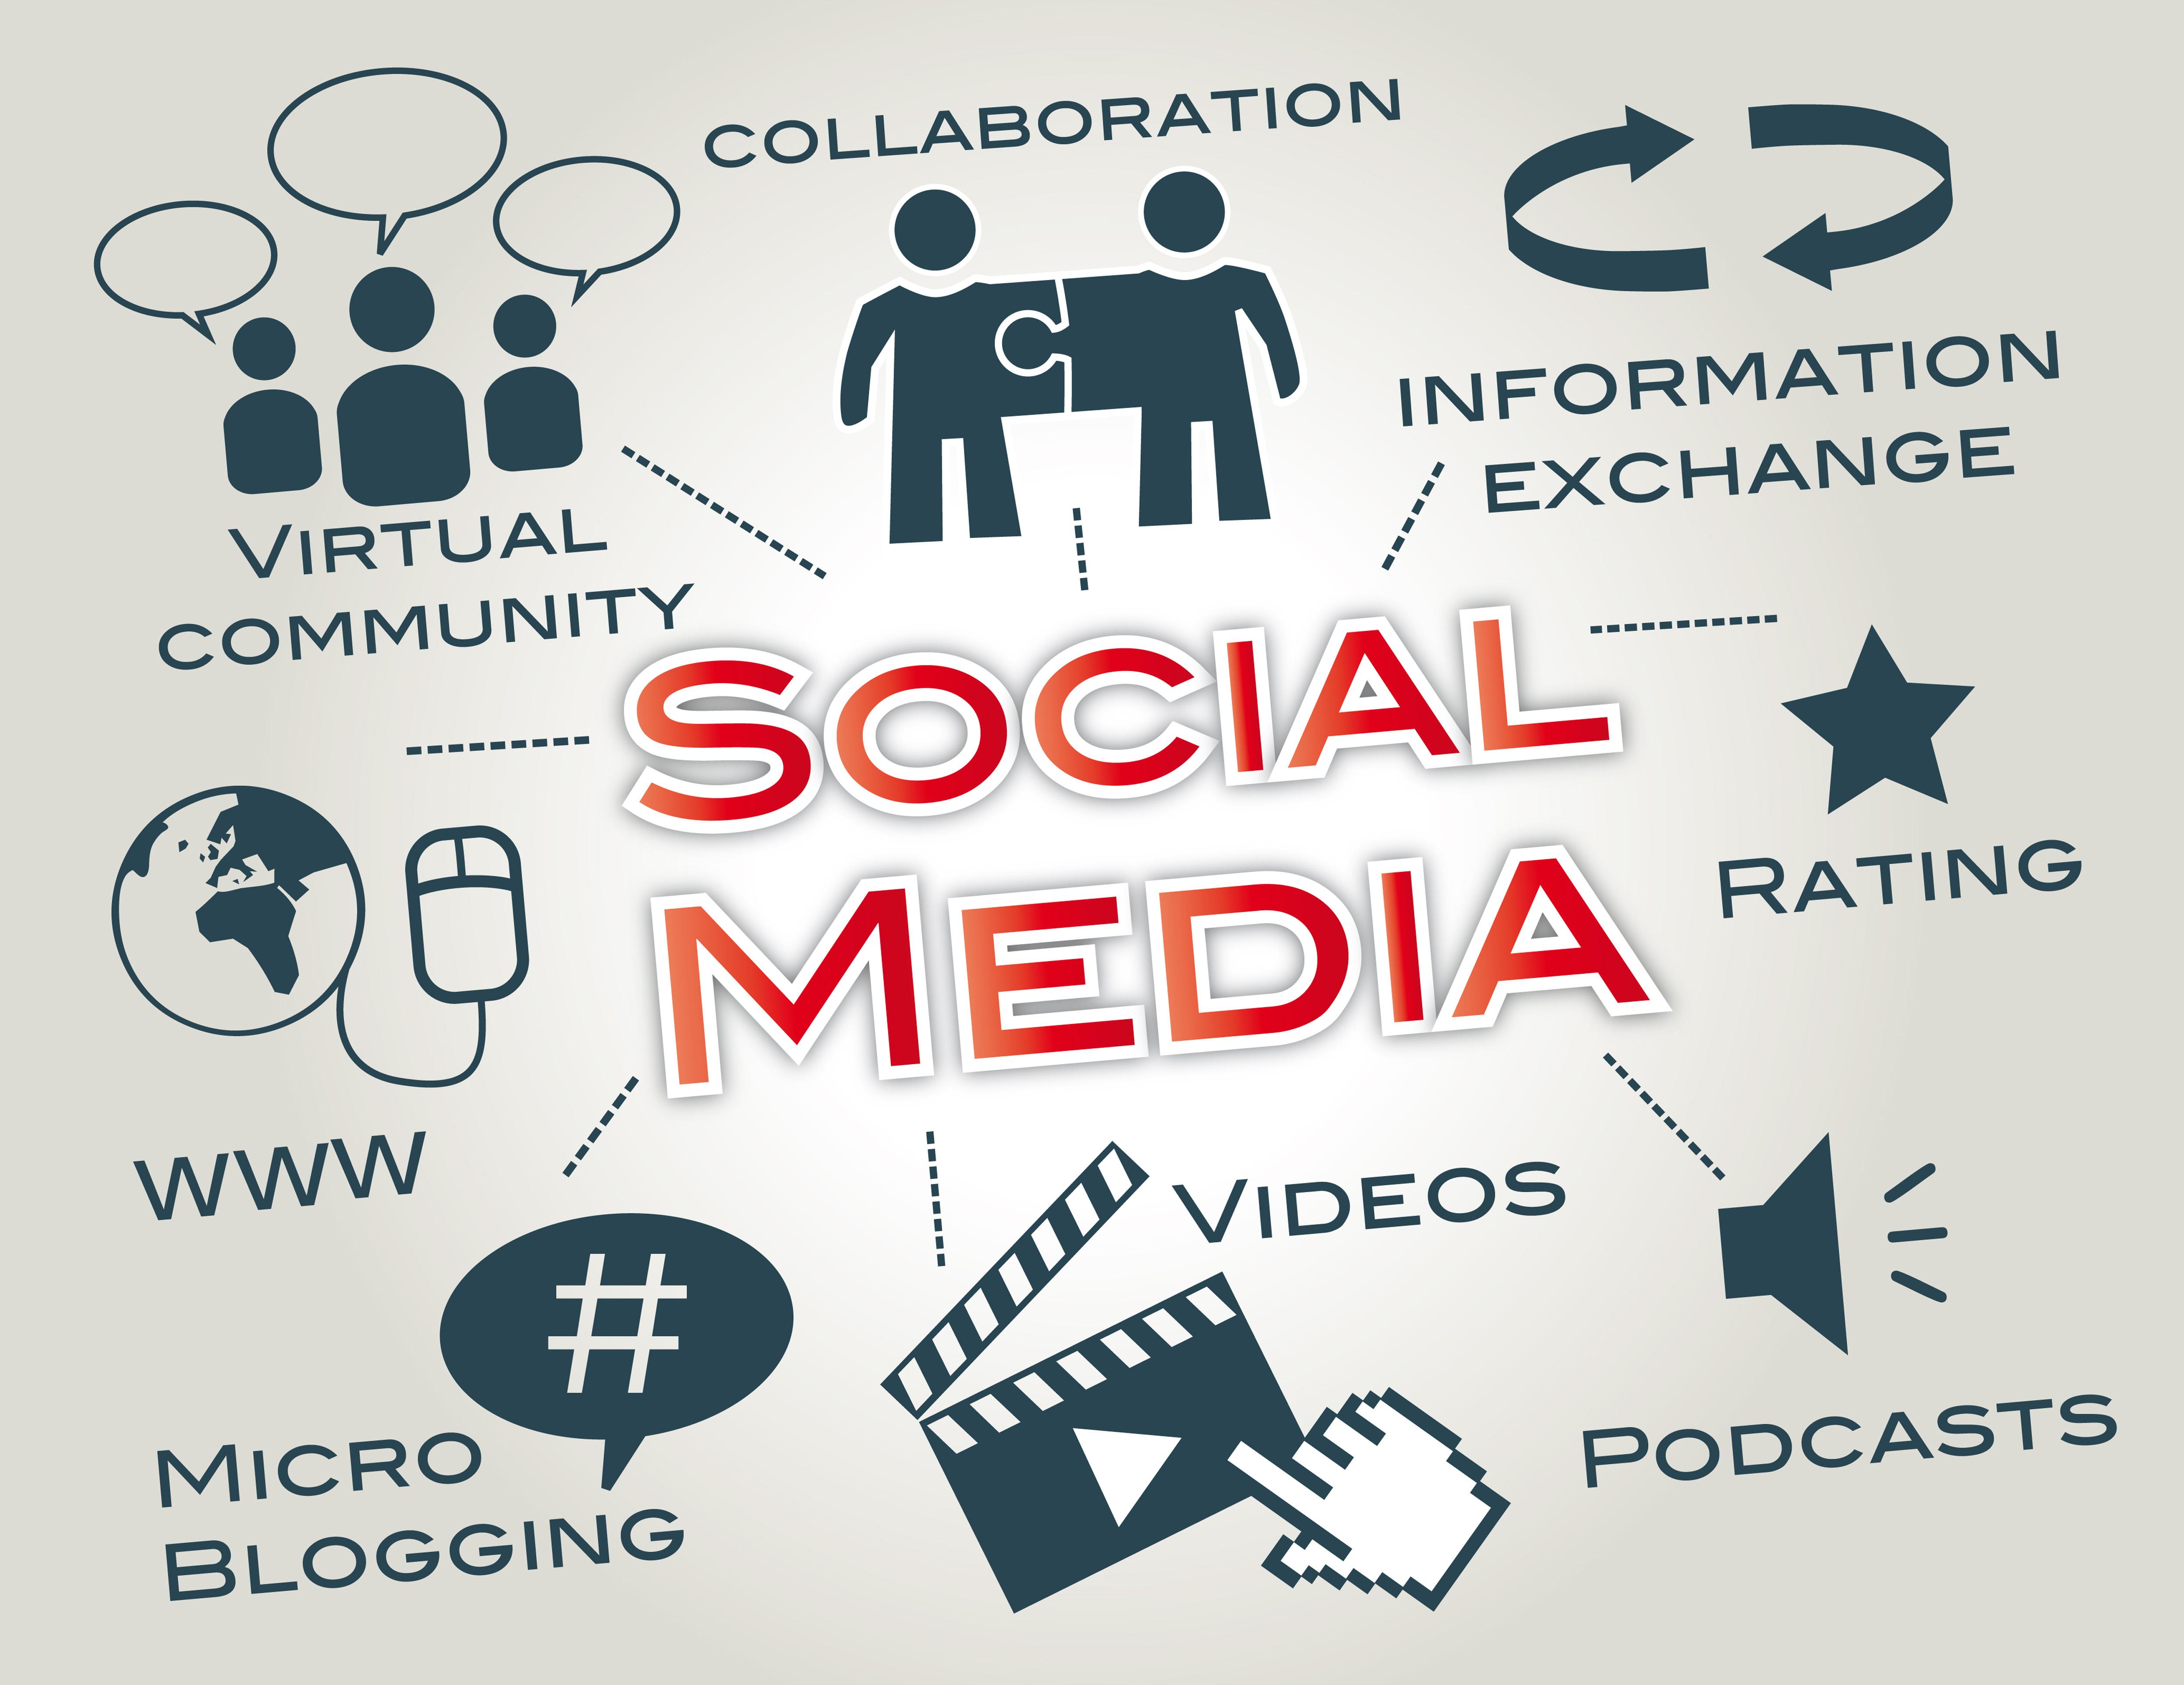 FashionTap - The Fashion Social Network 37